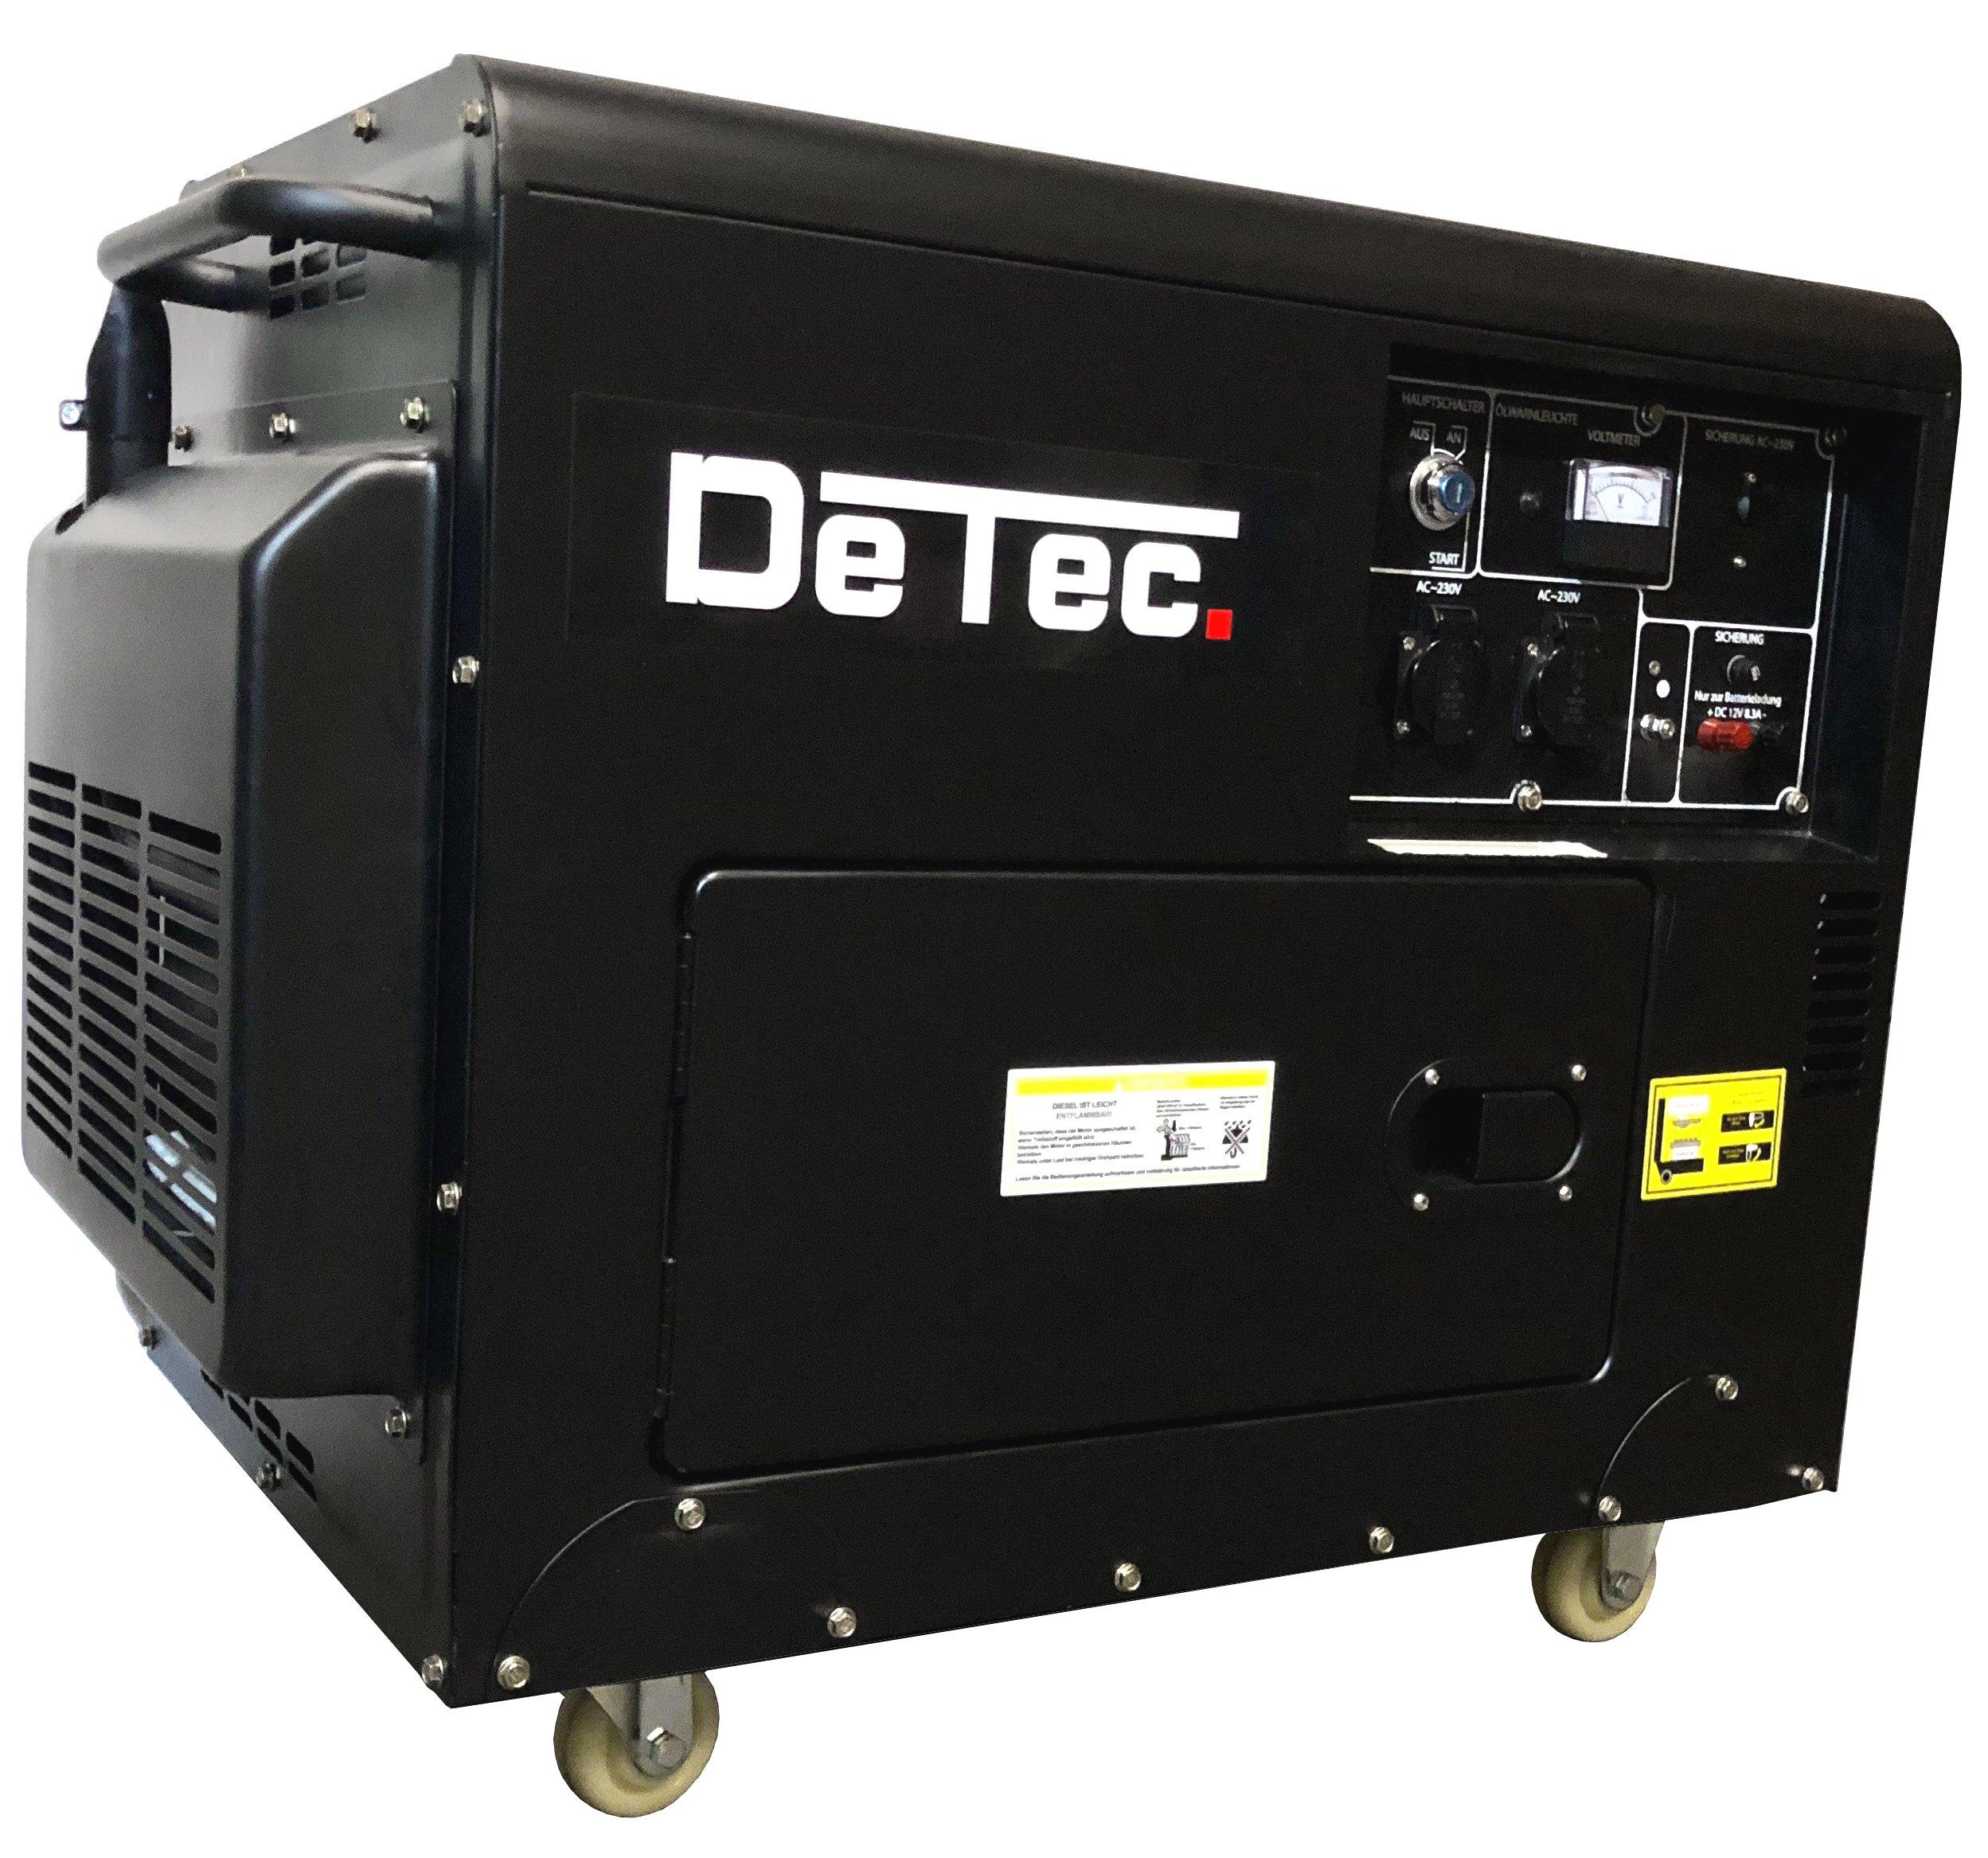 Stromerzeuger 230V 5kW Stromaggregat mit E-Start Dieselgenerator 1-Phasen DeTec